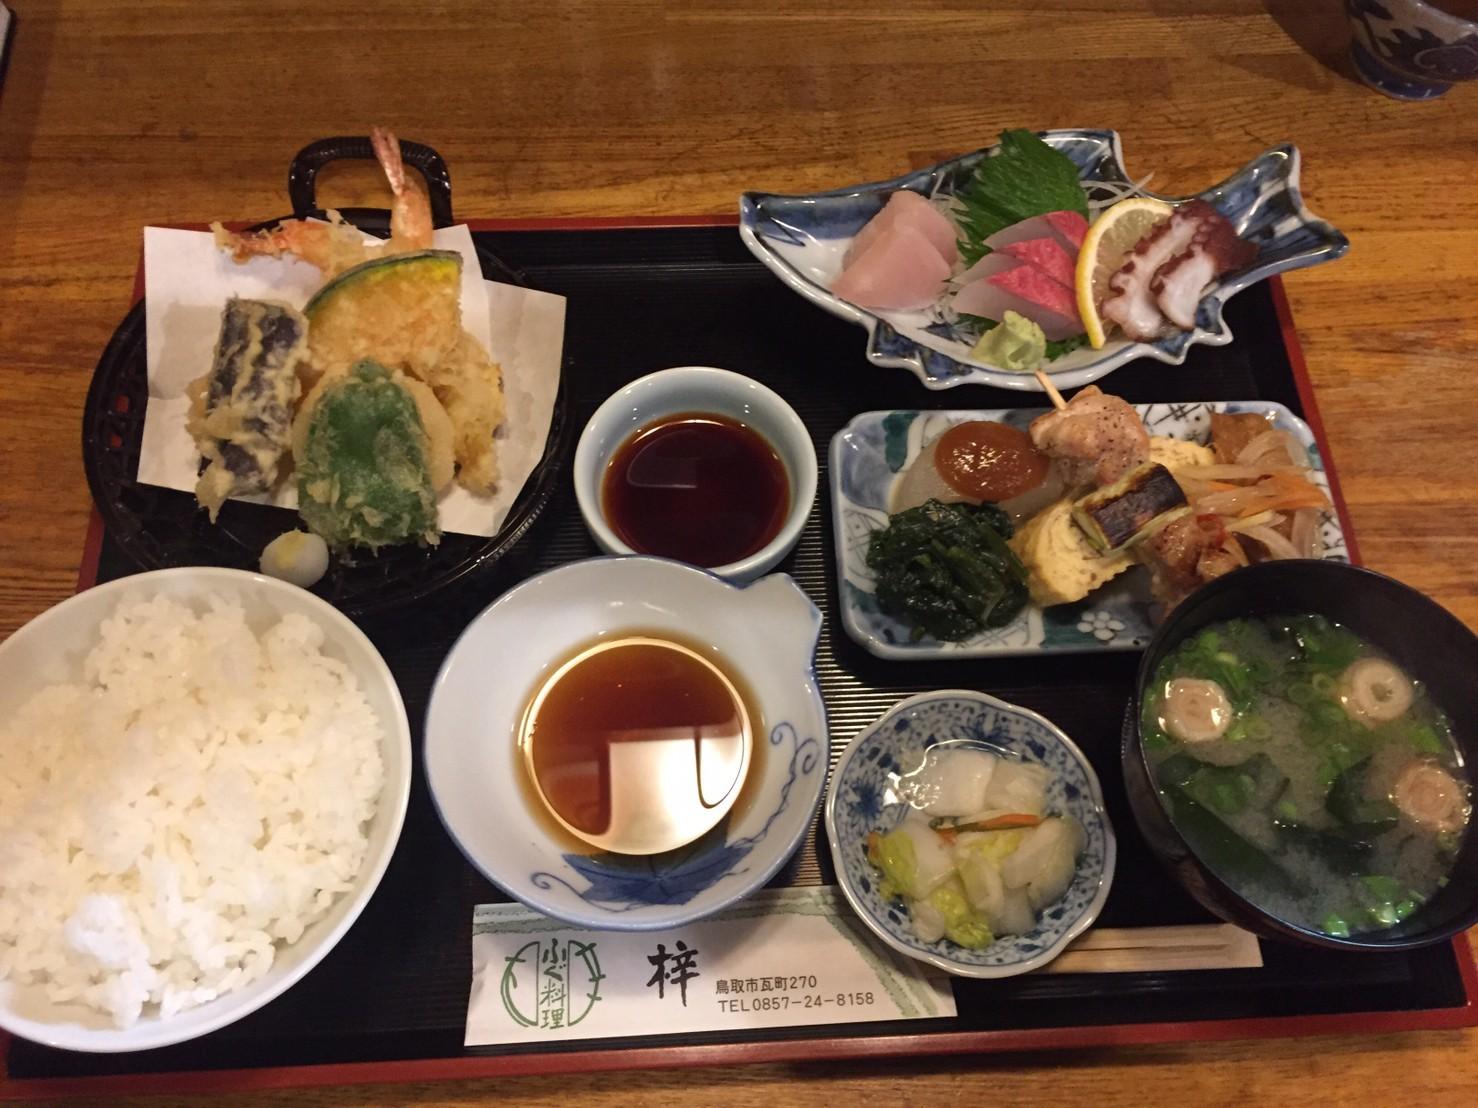 ふぐ料理・季節料理 梓  ランチ_e0115904_23464954.jpg